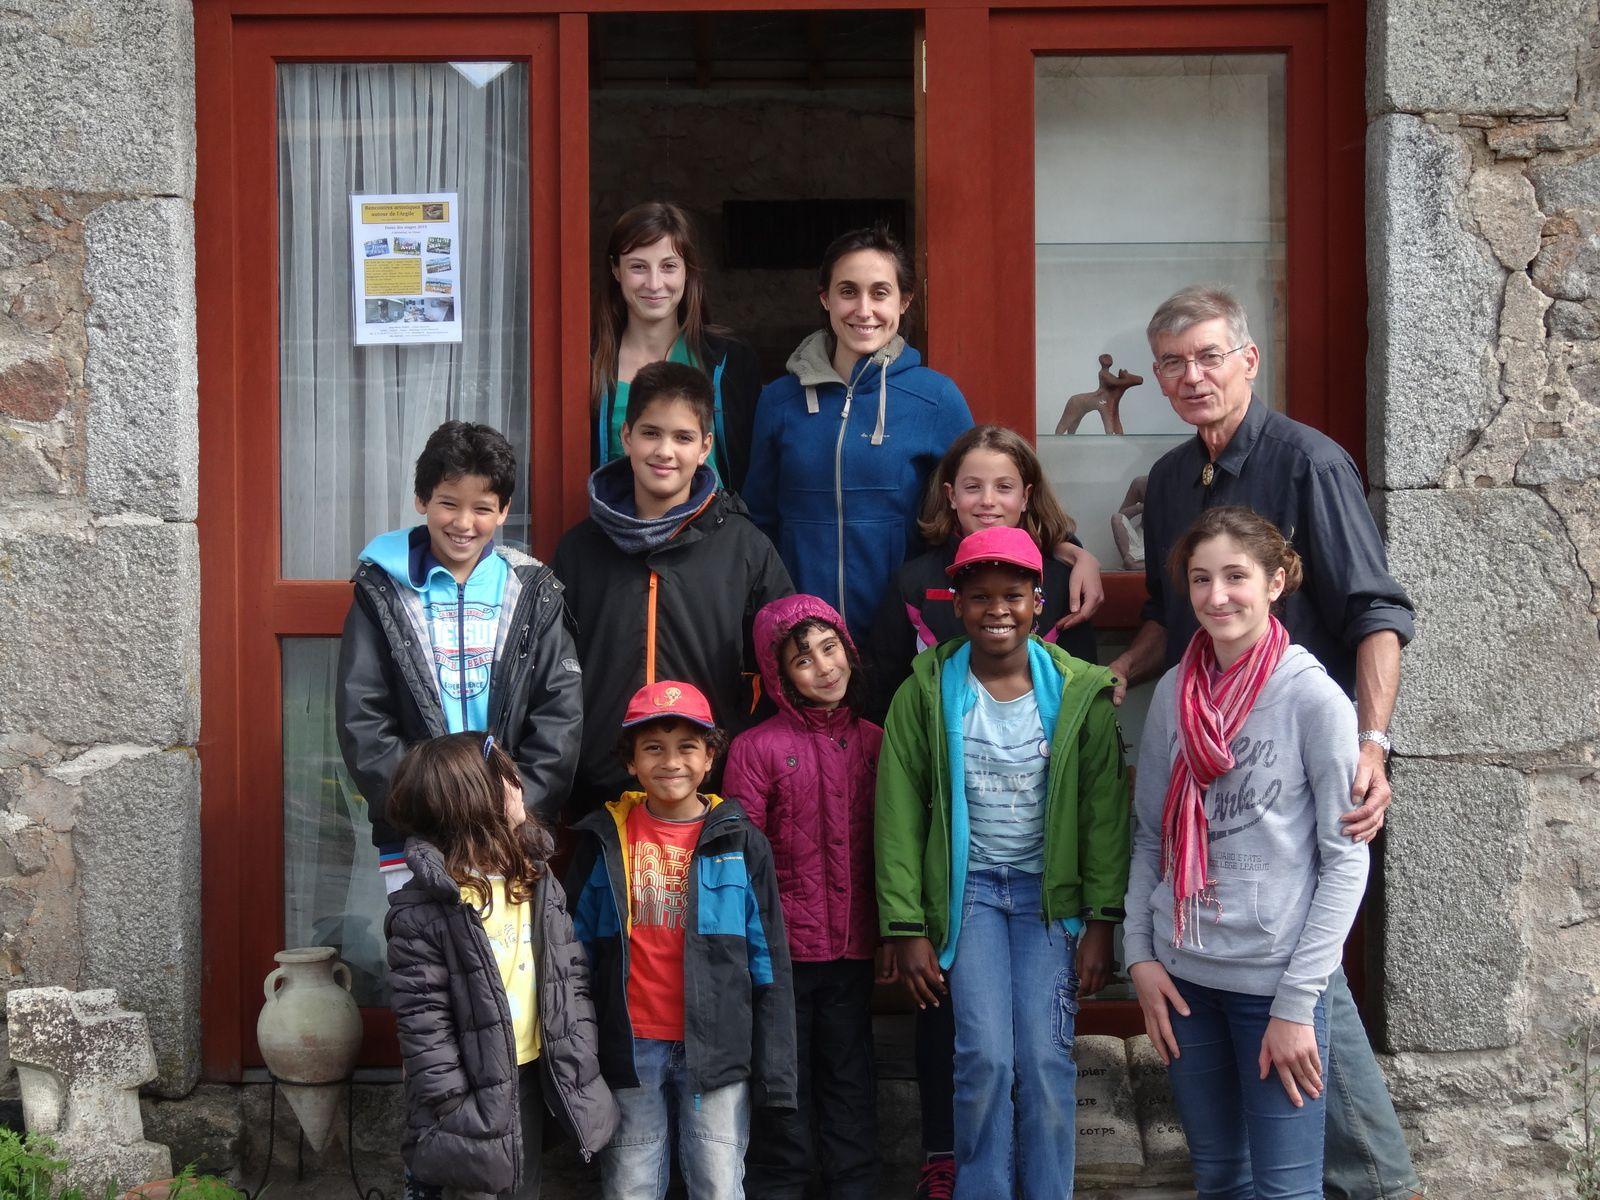 Séjour enfants &quot&#x3B;Vivre à la ferme&quot&#x3B; du dimanche 19 au samedi 24 avril 2015